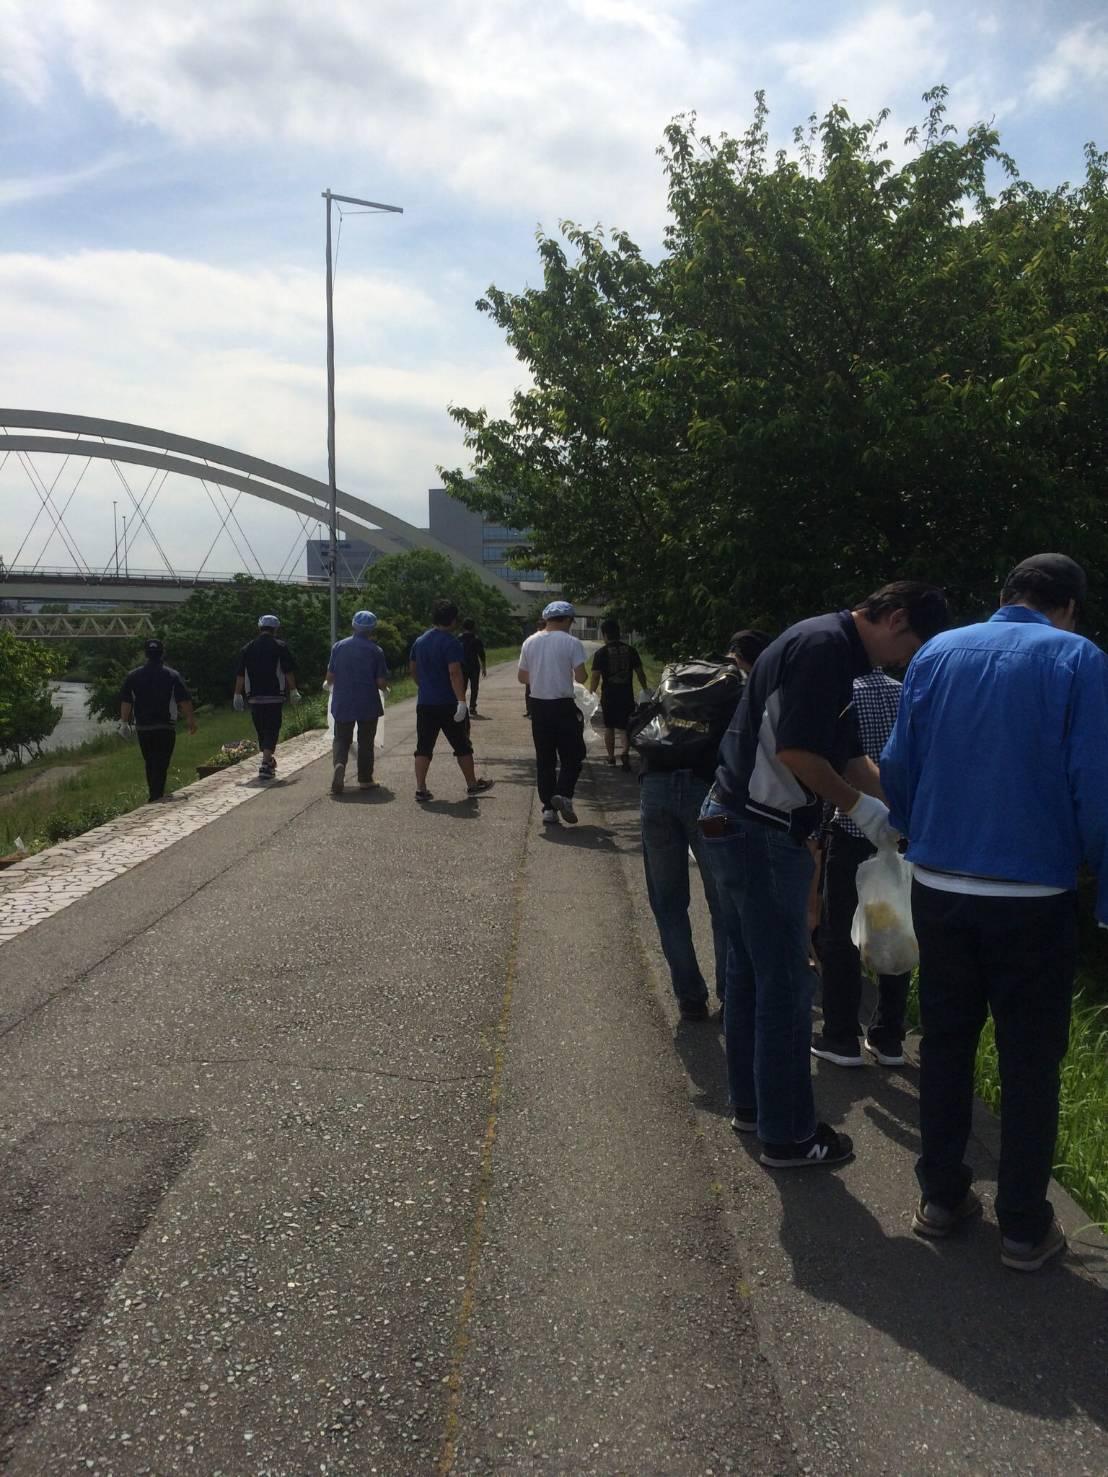 【報告】大日本プロレスが地域の清掃活動へ参加